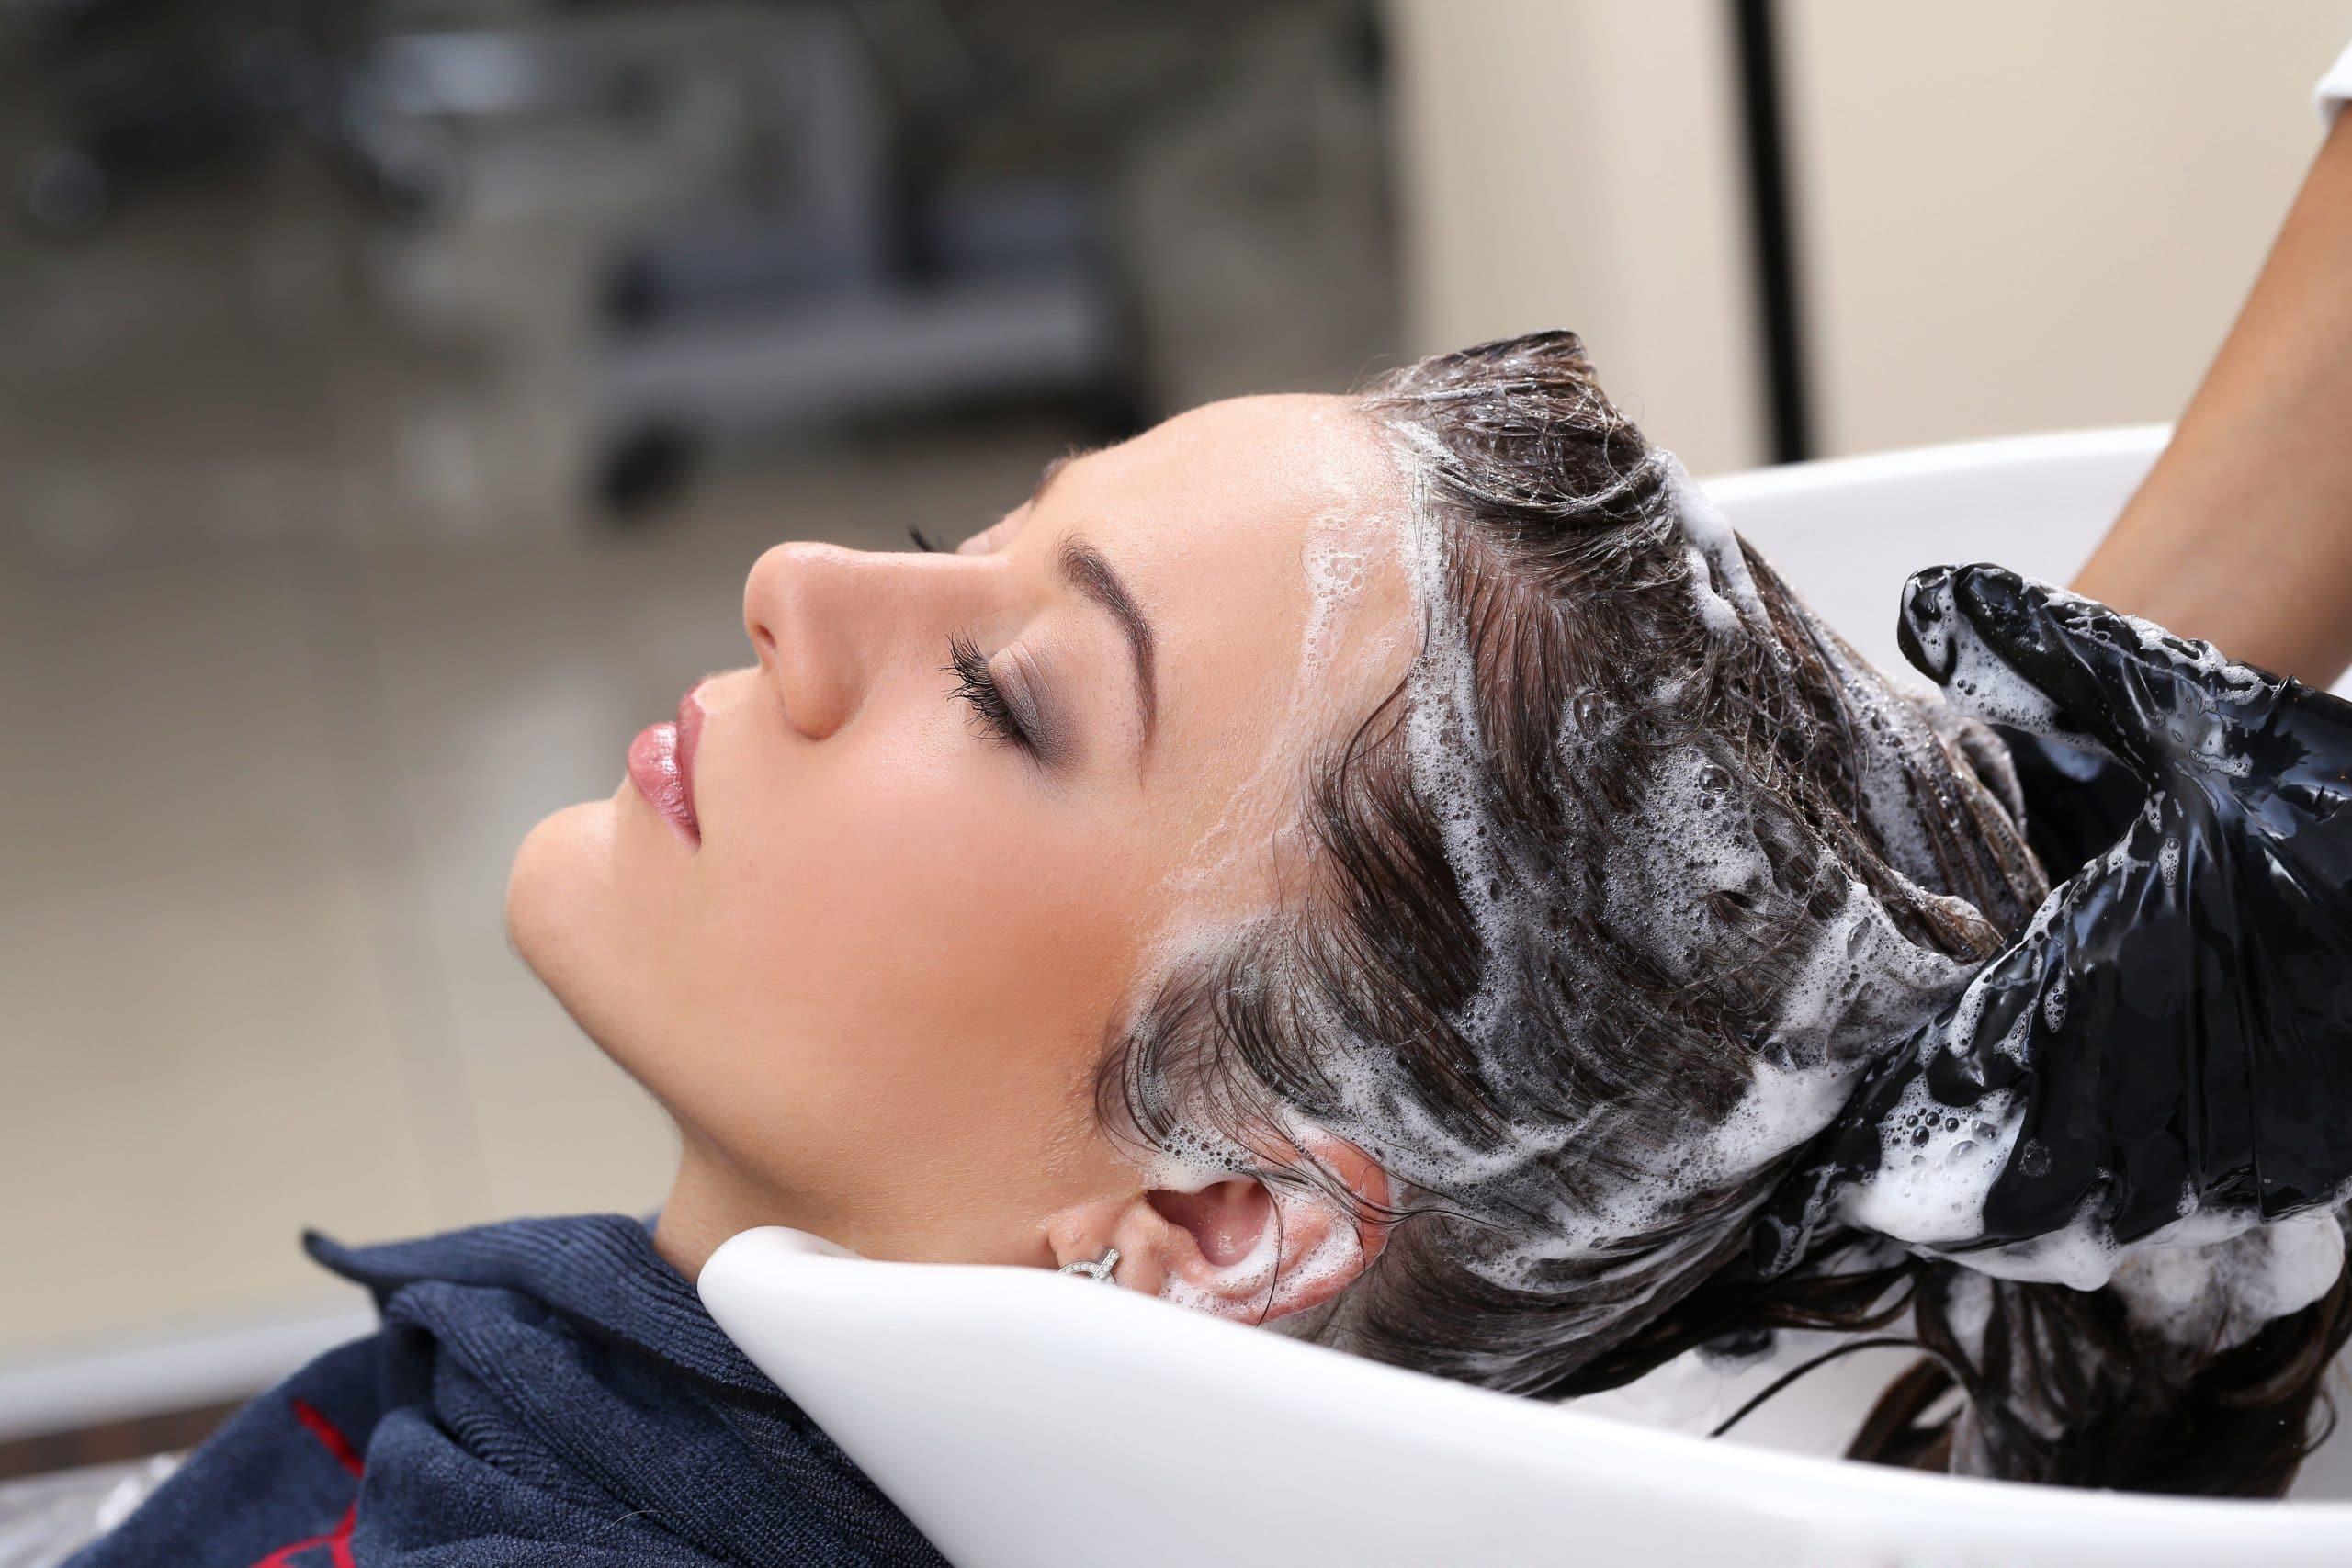 Come prendersi cura dei capelli: 11 miti da sfatare